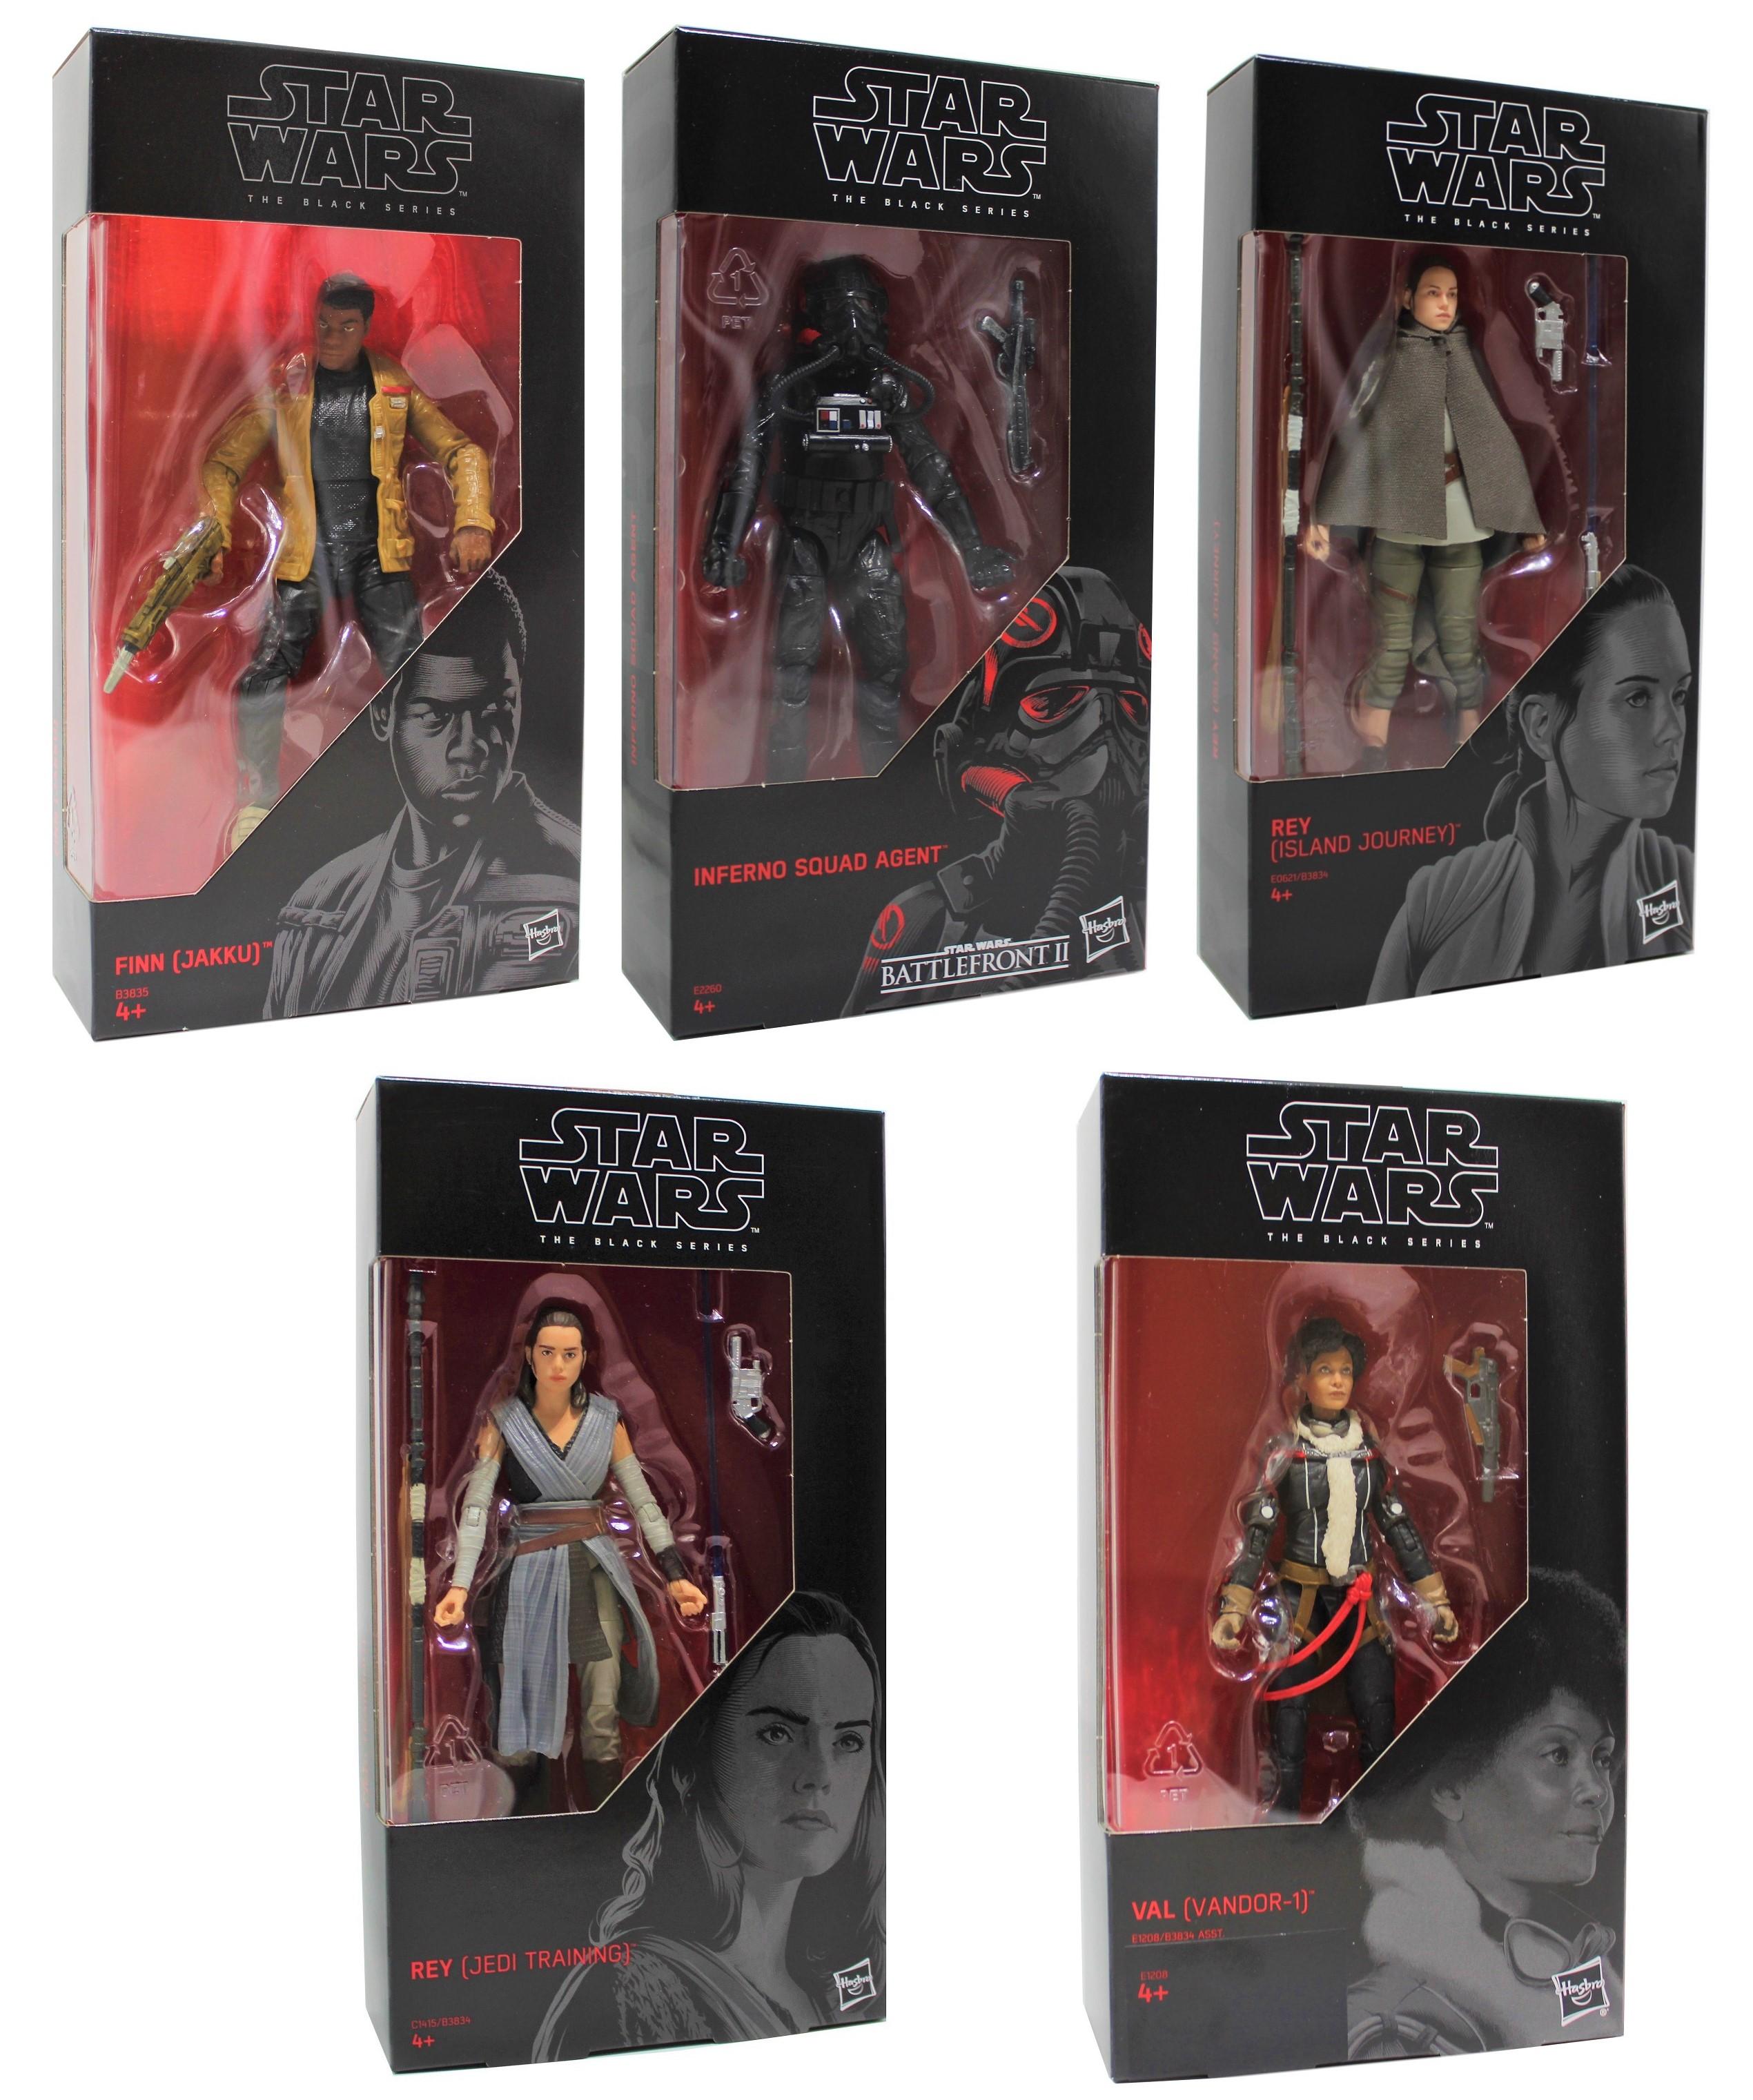 Hasbro Star Wars The Black Series verschiedene Actionfiguren 15 cm